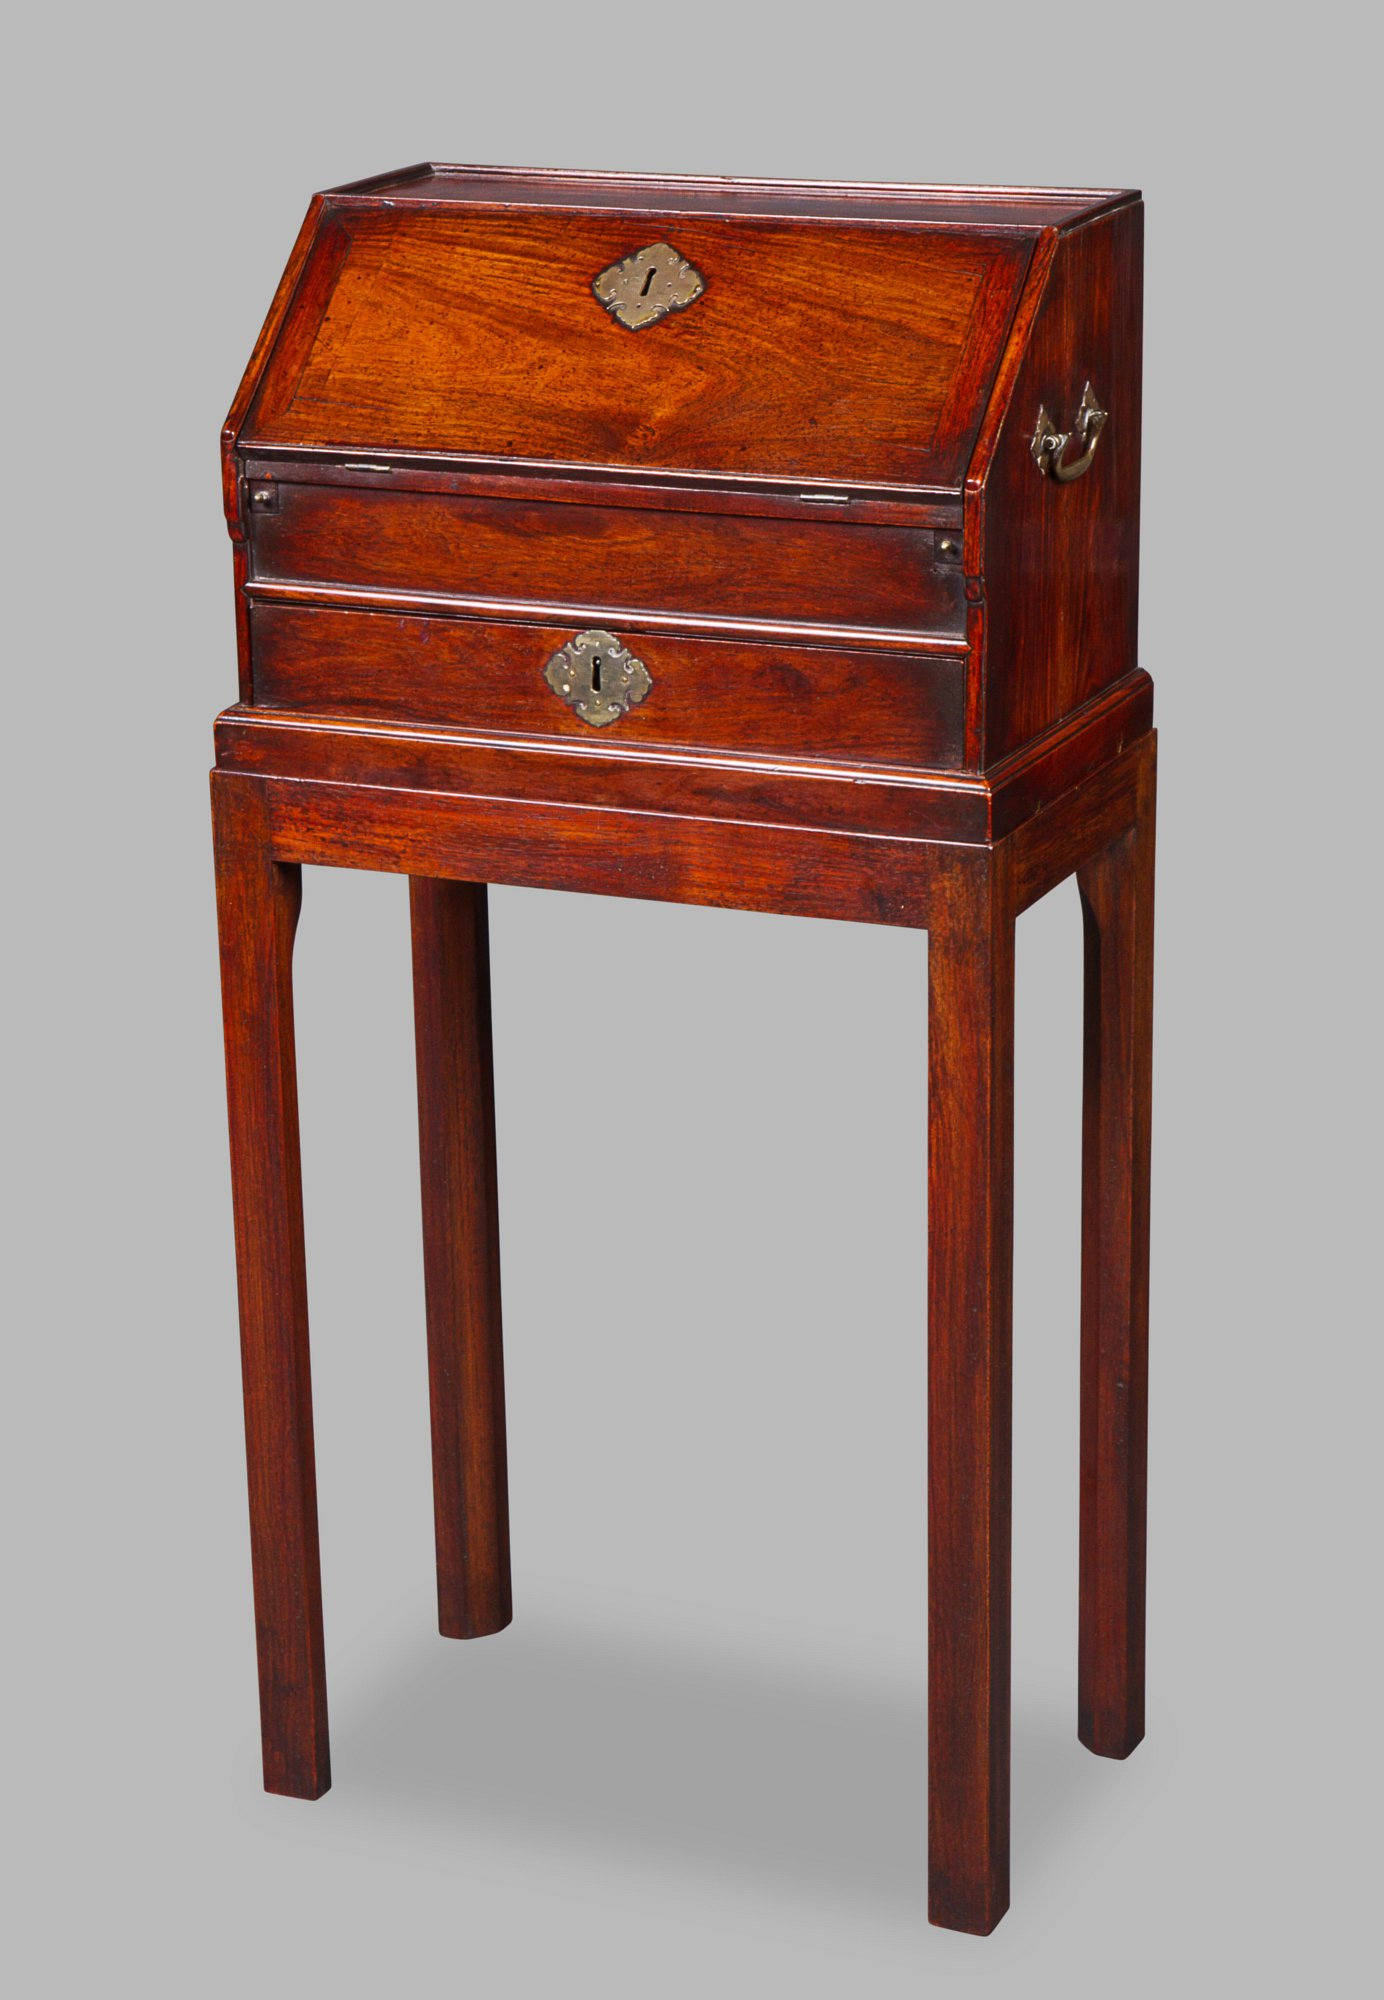 Chinese Export Padouk Table Bureau Michael Pashby Antiques